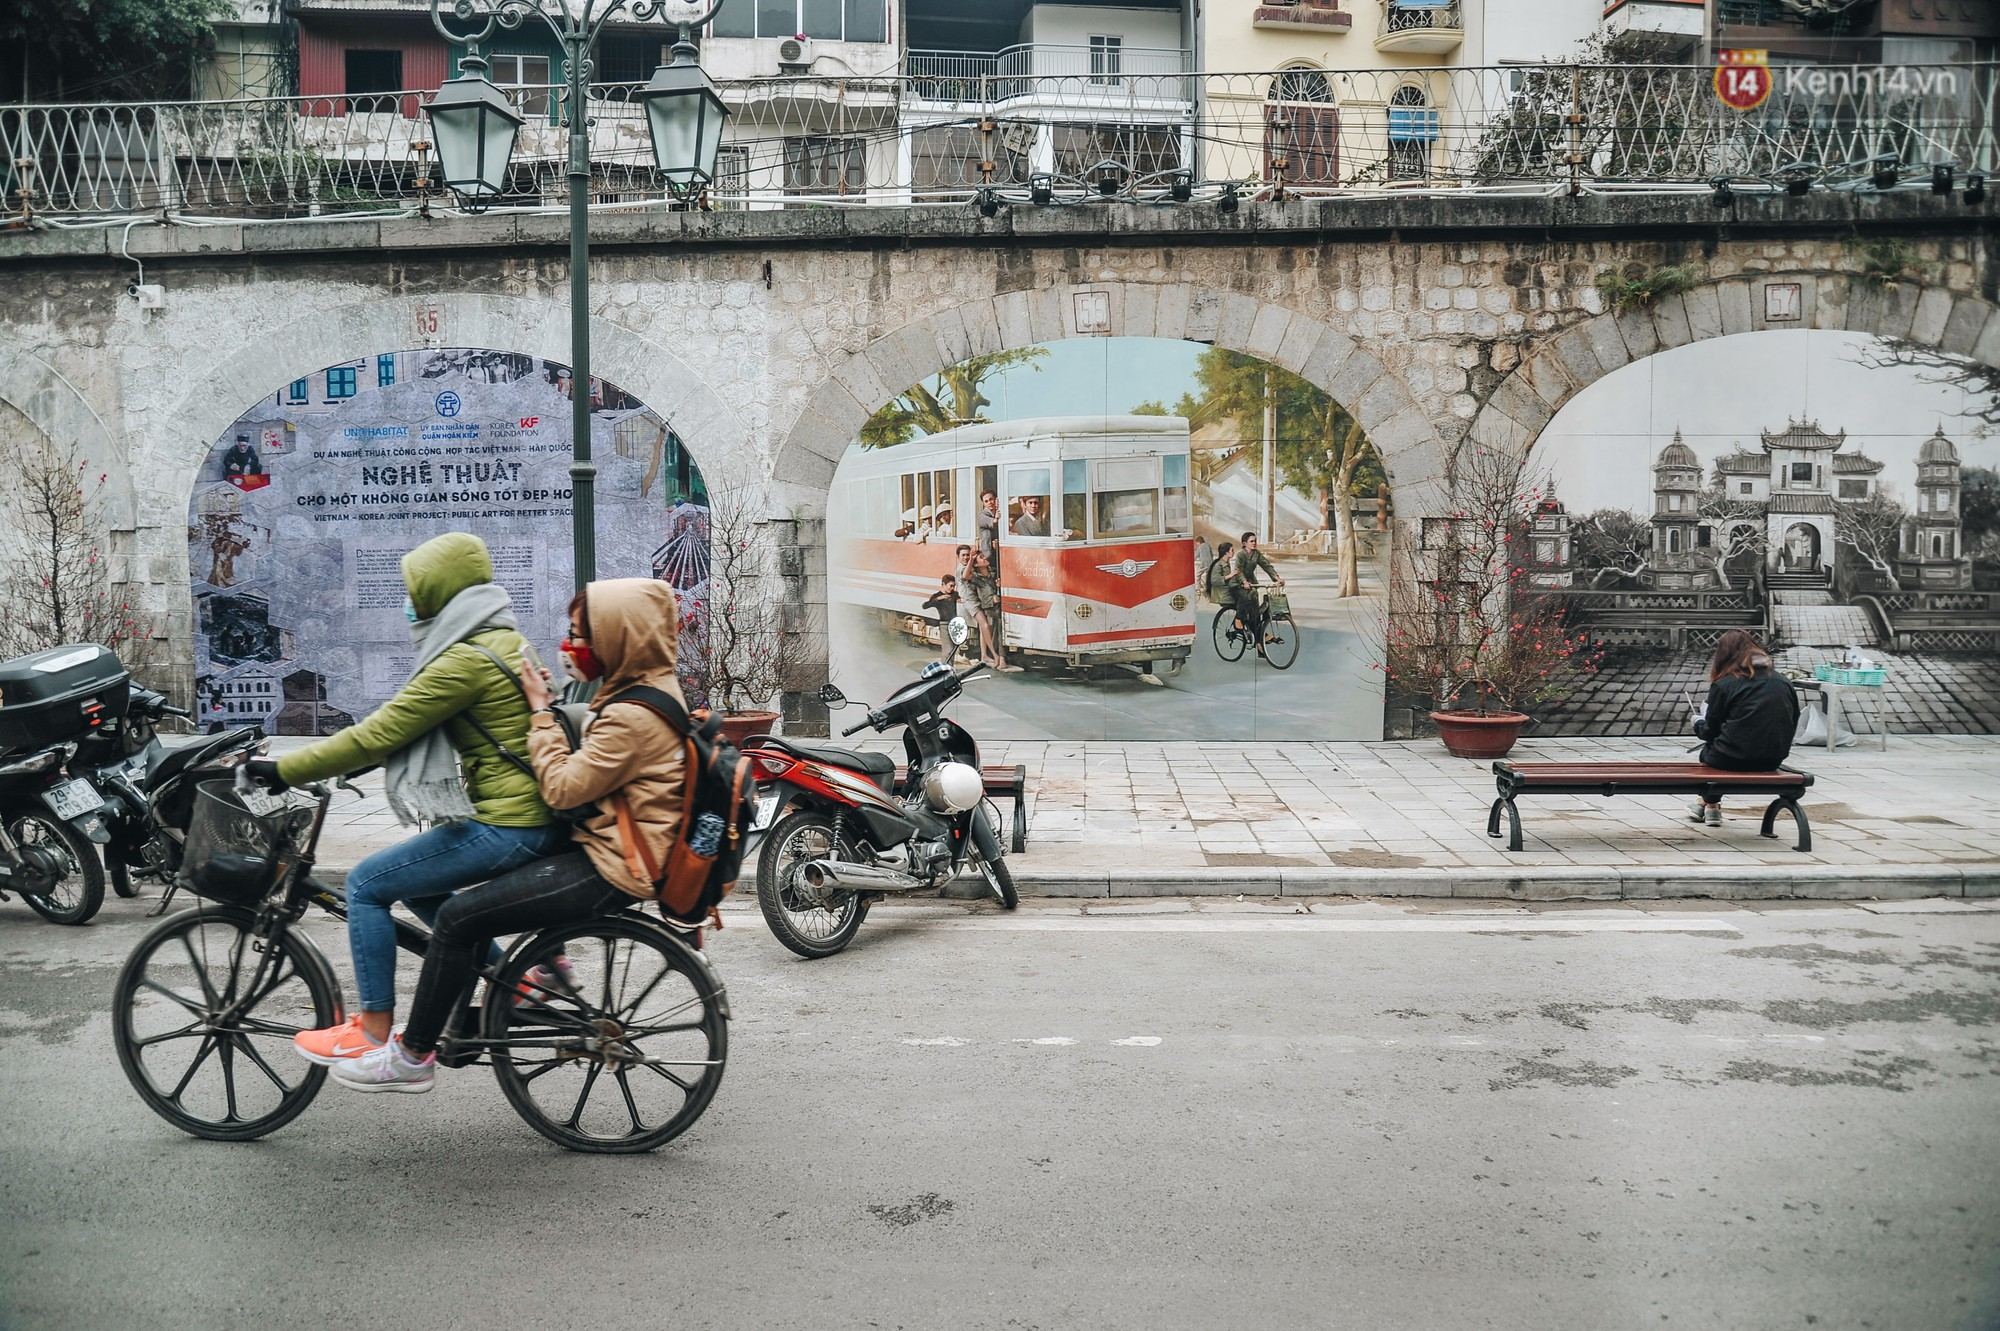 Phố bích họa Phùng Hưng hồi sinh, trở thành phố đi bộ kết nối với không gian chợ Đồng Xuân - Ảnh 1.